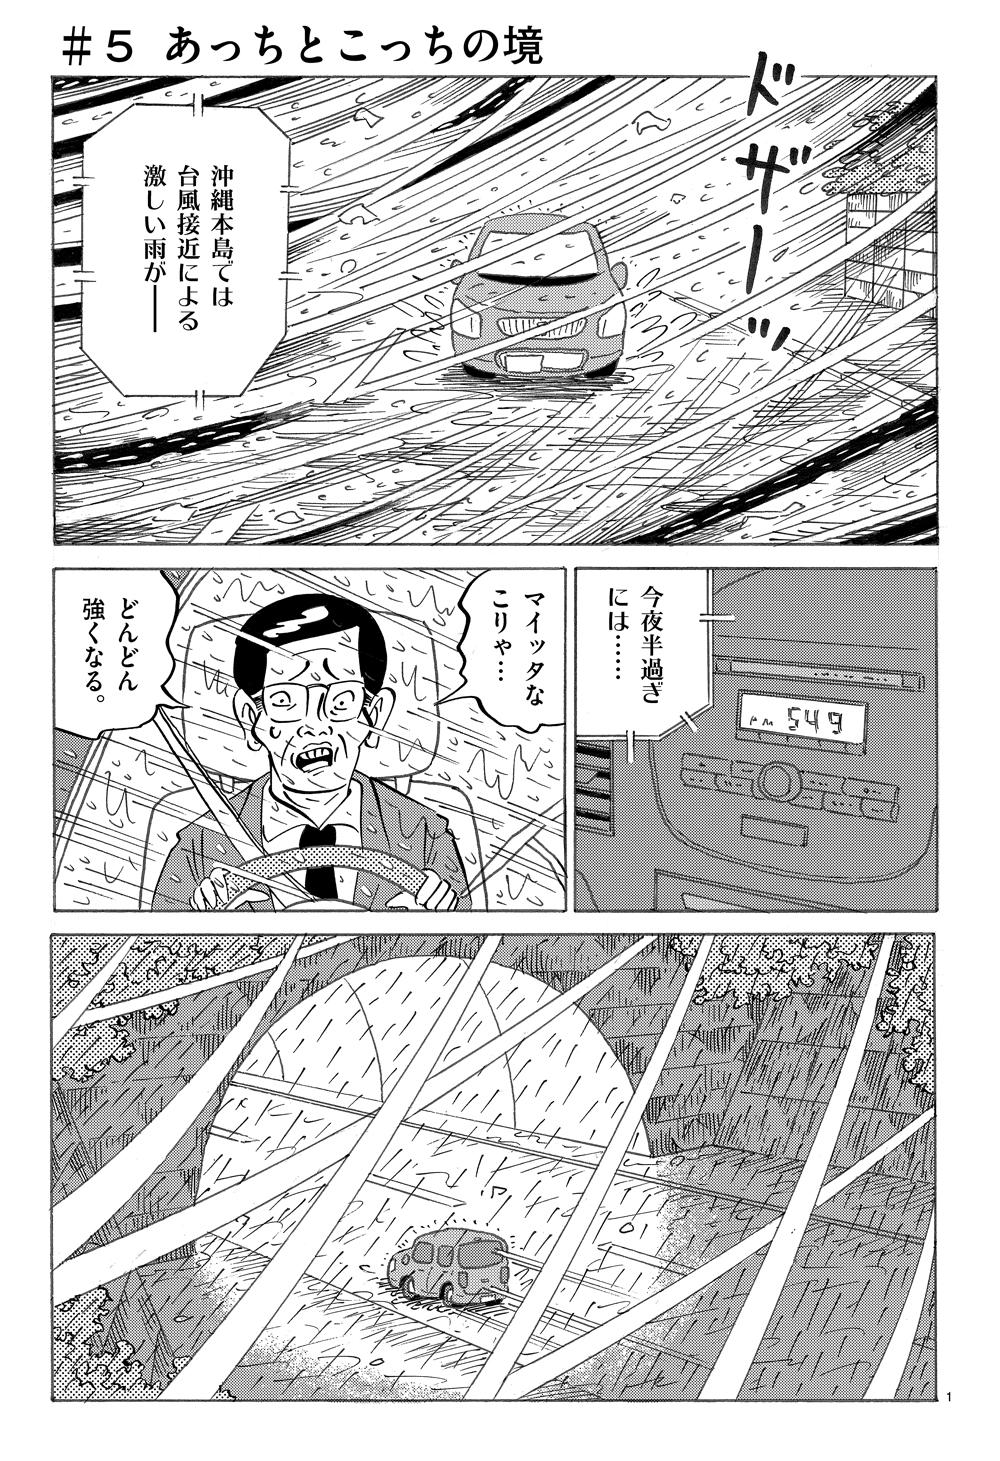 琉球怪談 【第5話】WEB掲載1ページ目画像